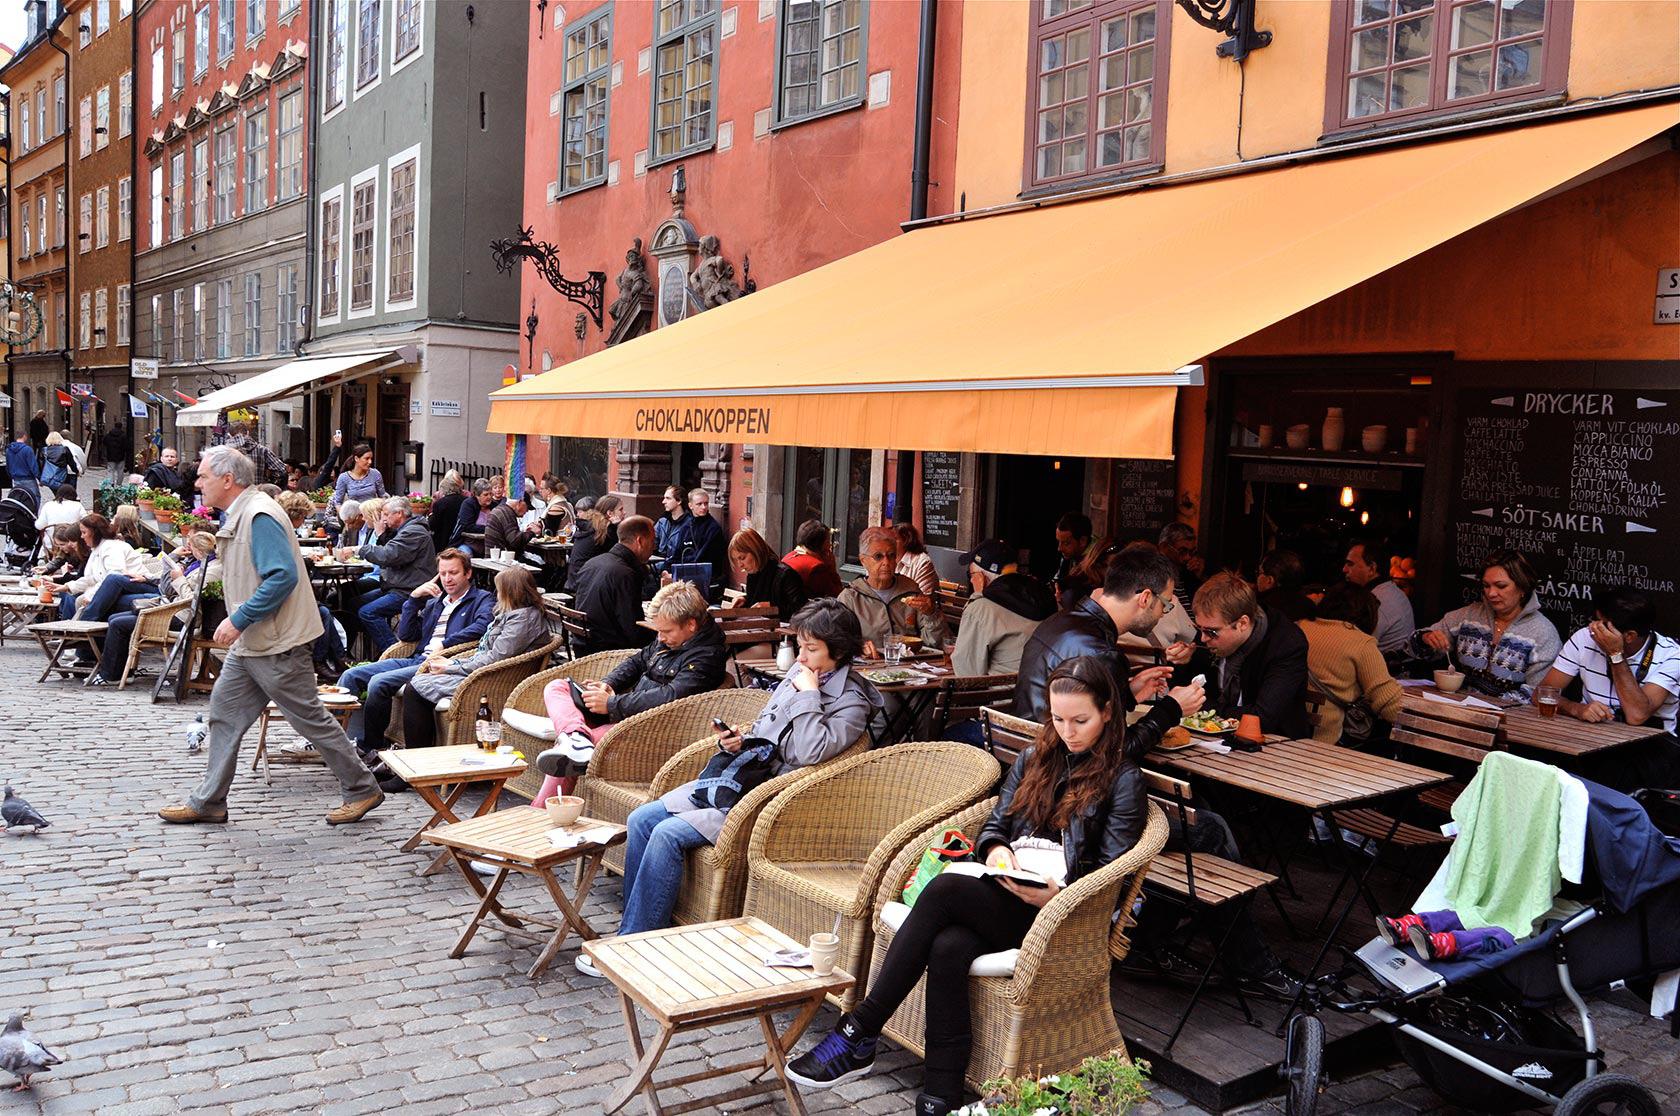 Sześć sekretnych sposobów na tanie i miłe spędzanie czasu w Sztokholmie